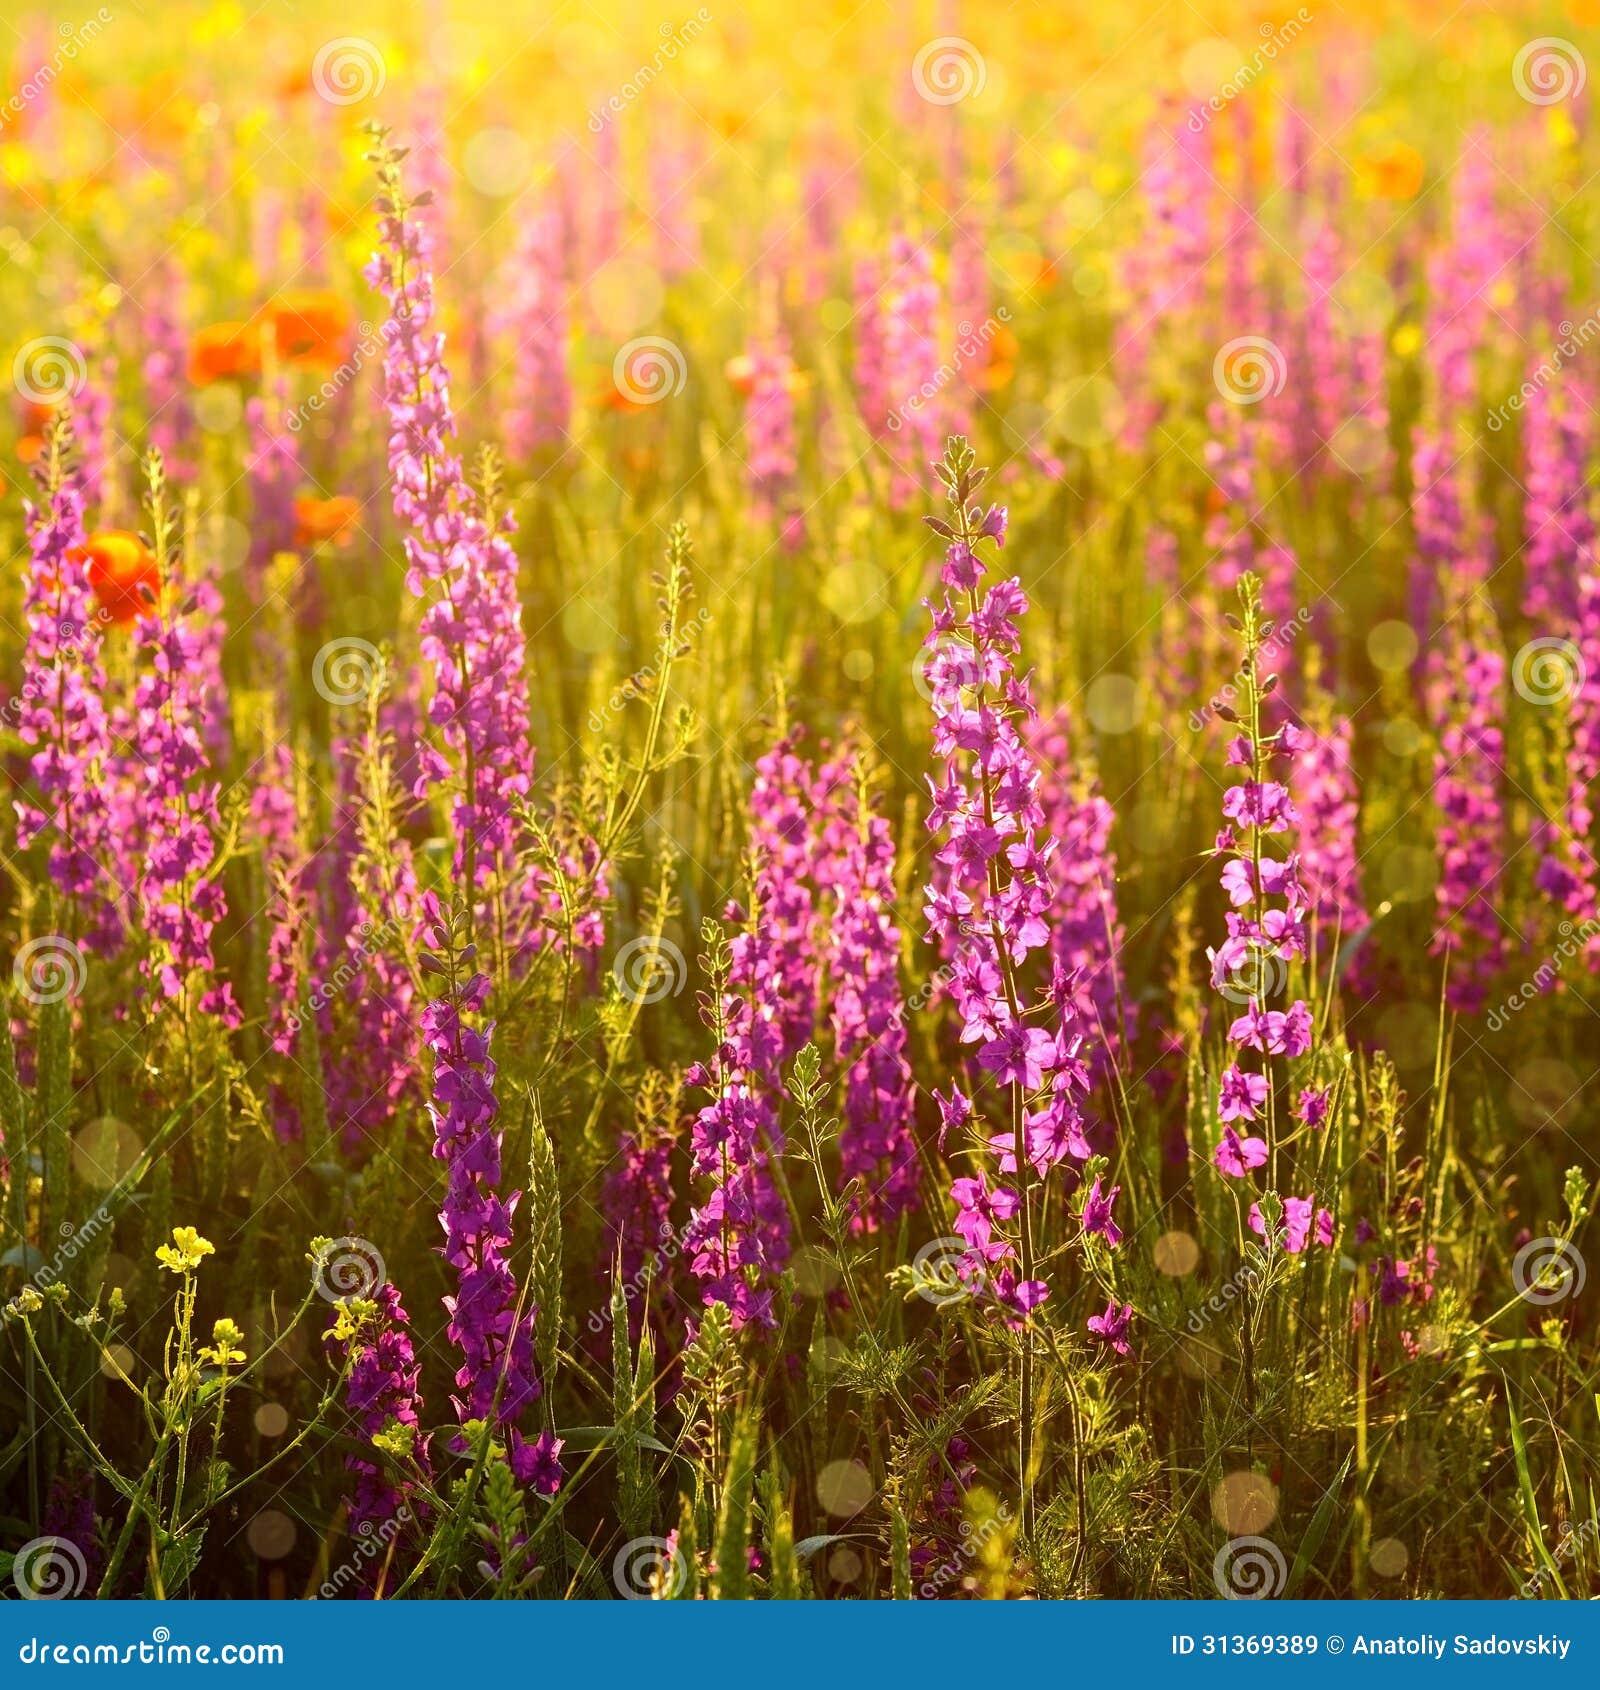 Bien connu Fleurs Sauvages Pourpres Images libres de droits - Image: 31369389 XE64